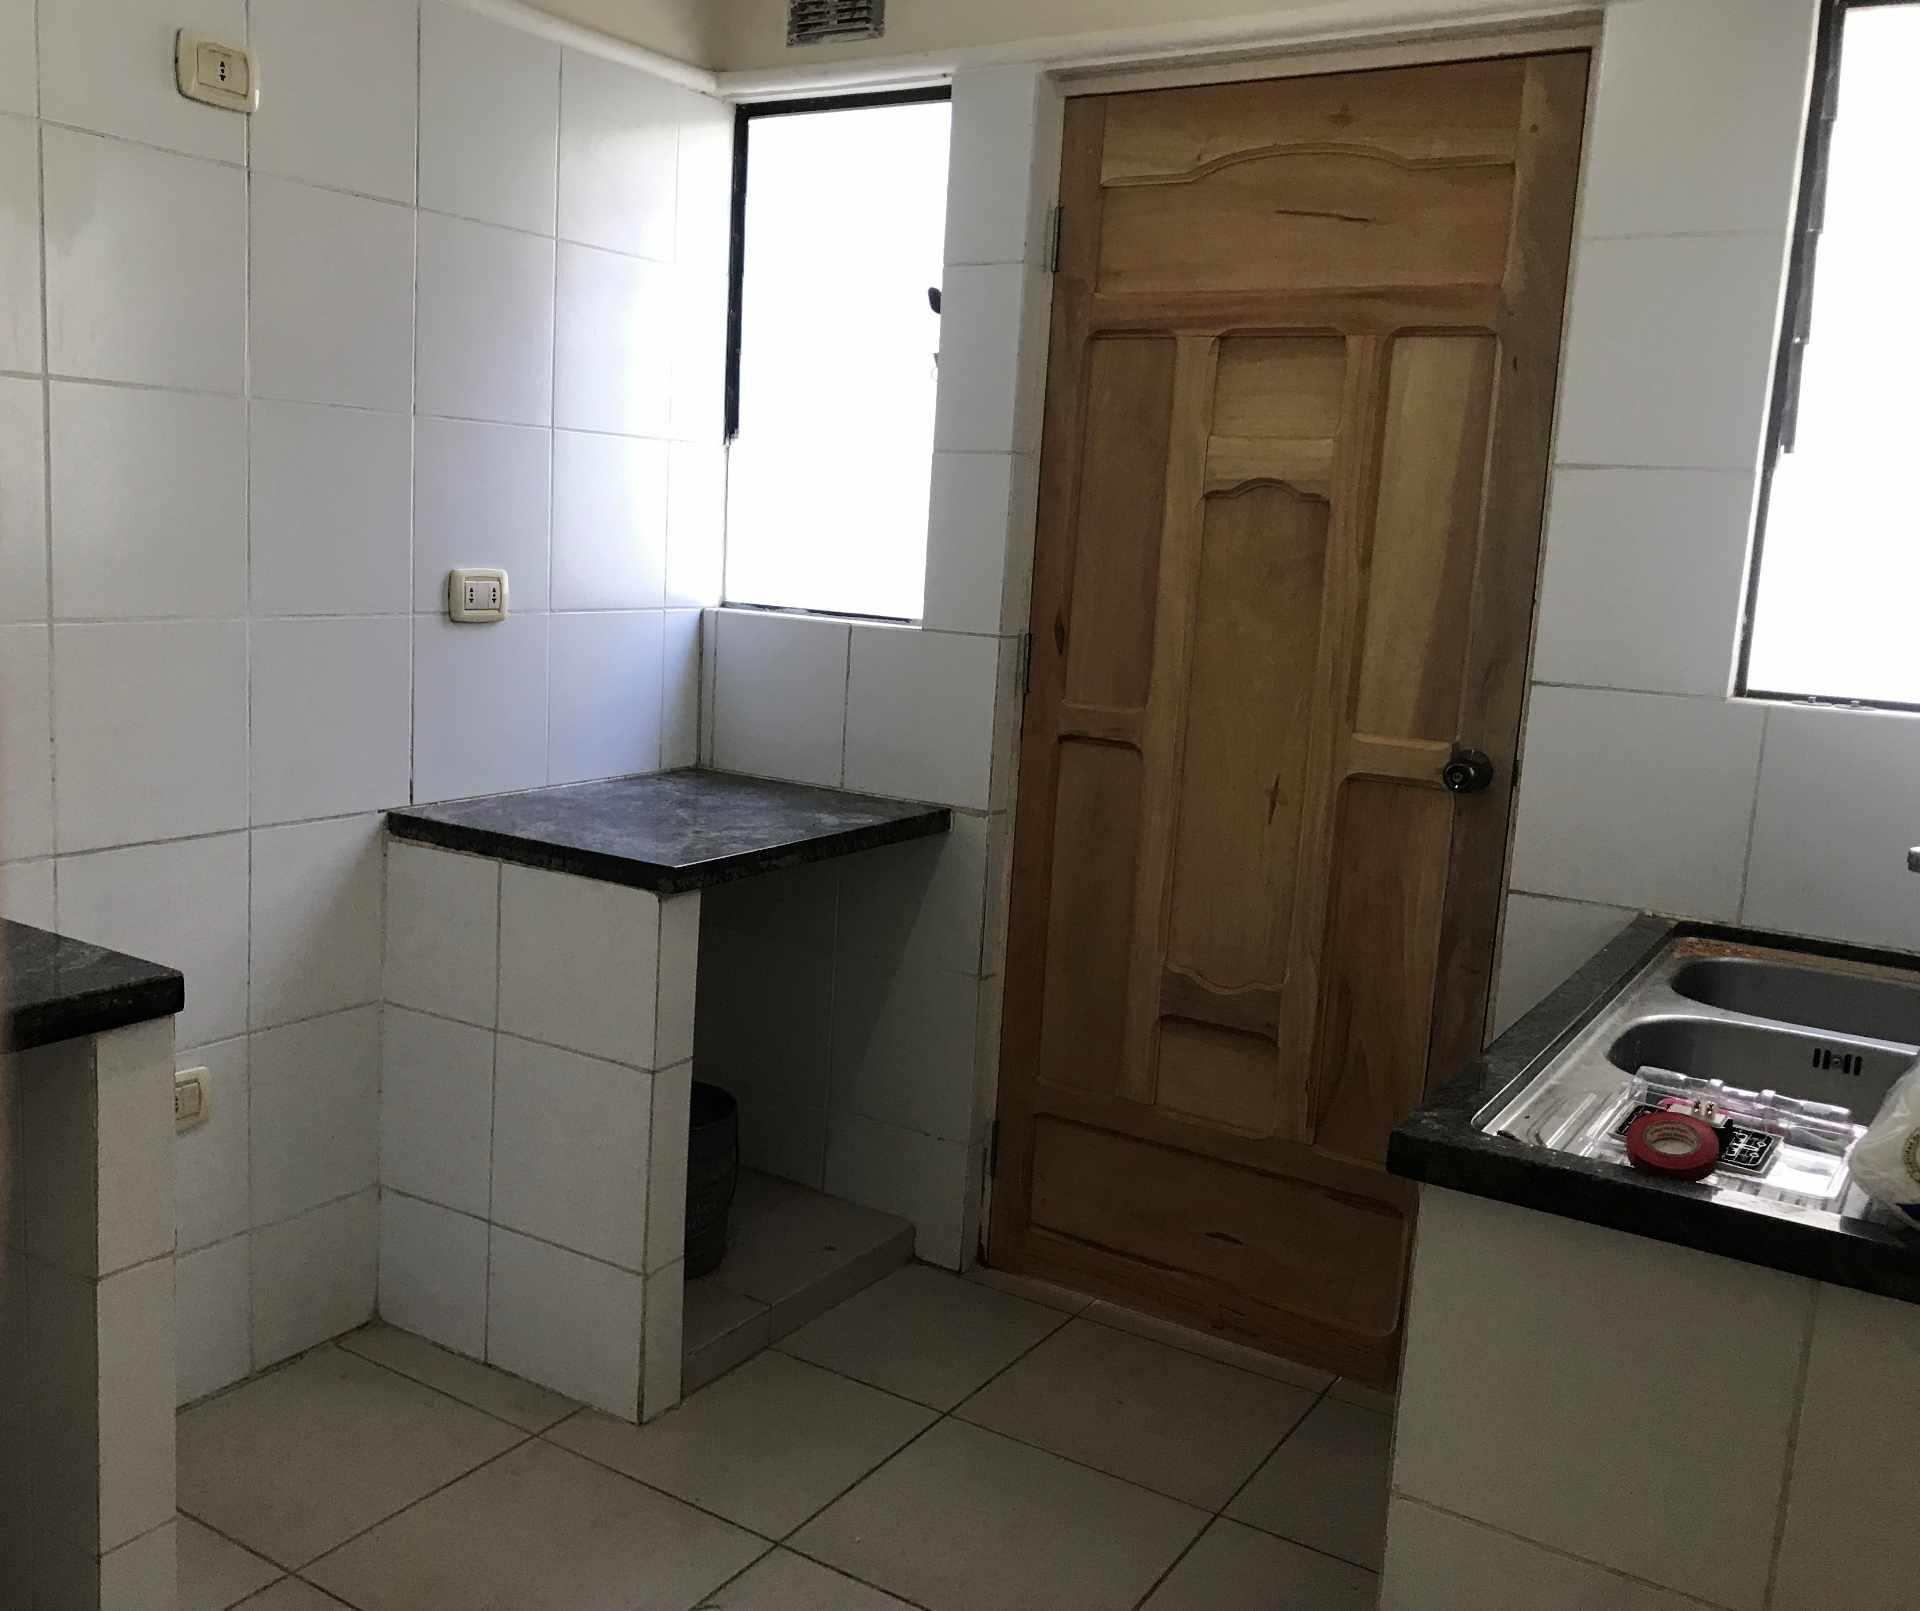 Casa en Venta AV. BANZER 8vo ANILLO, ZONA EL REMANSO III Foto 2